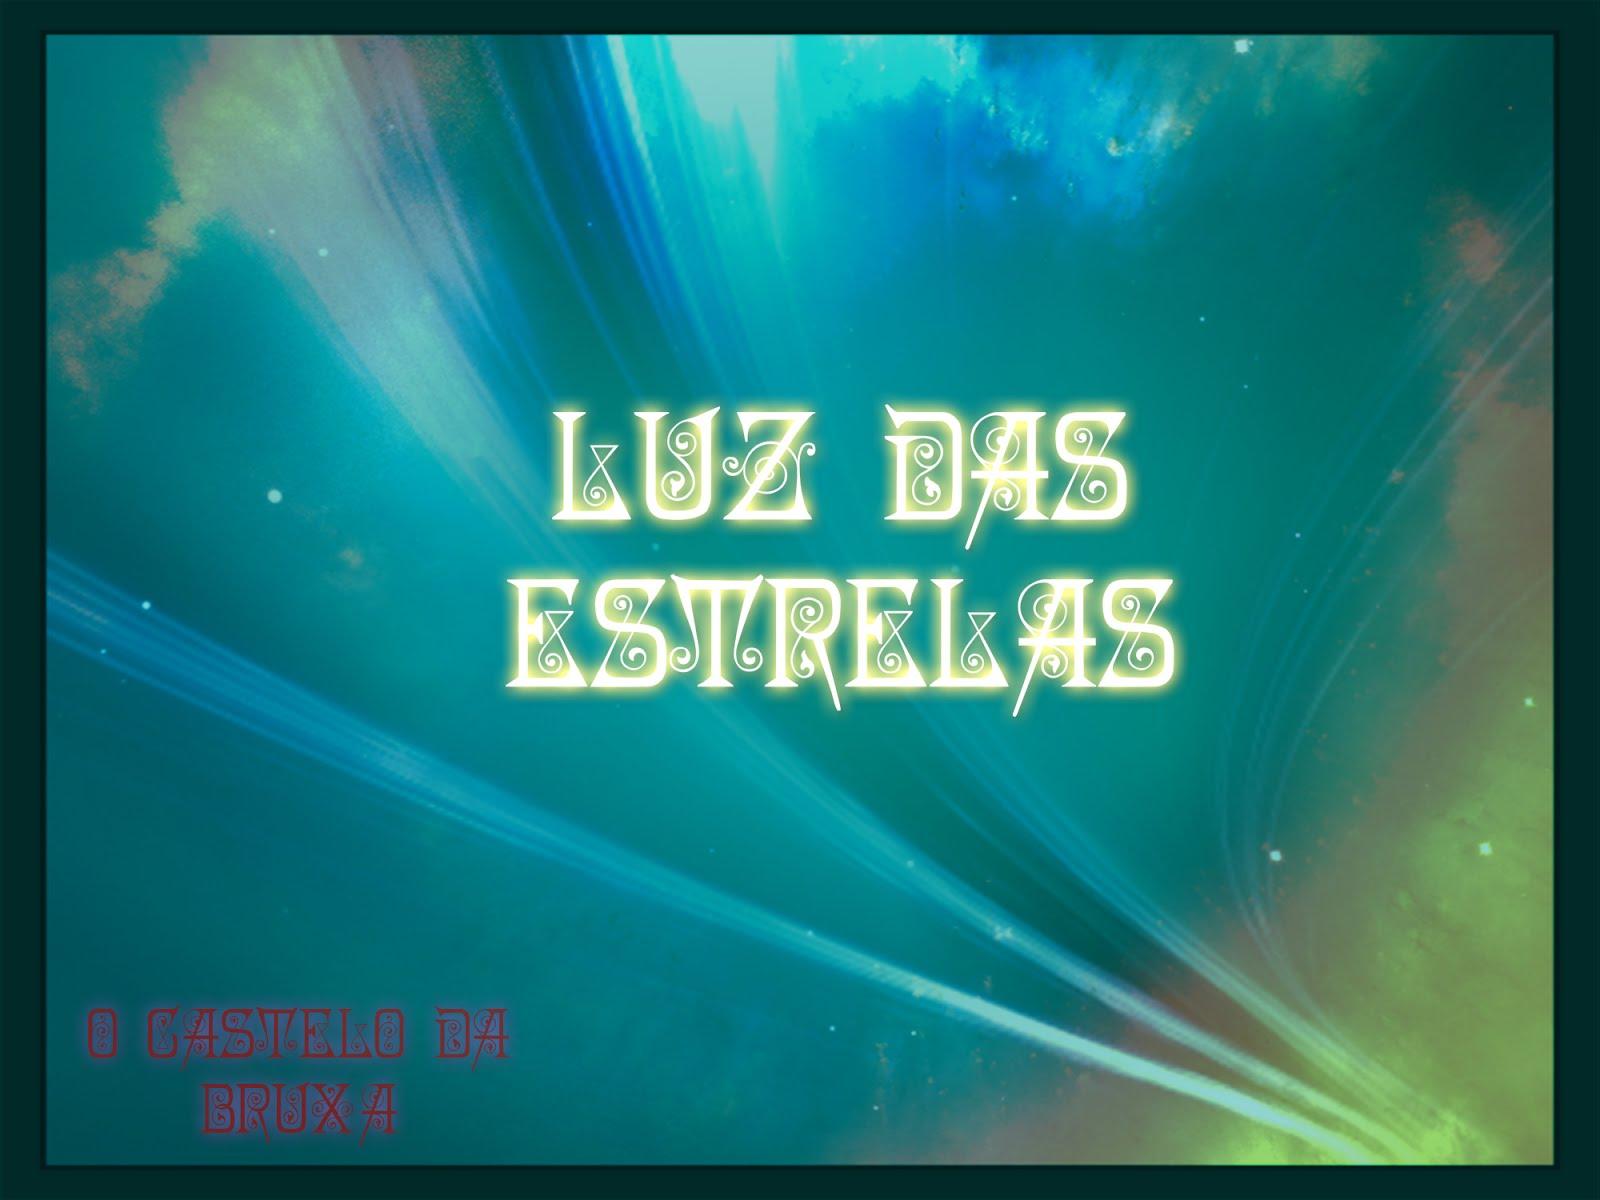 #Especial - Luz das Estrelas